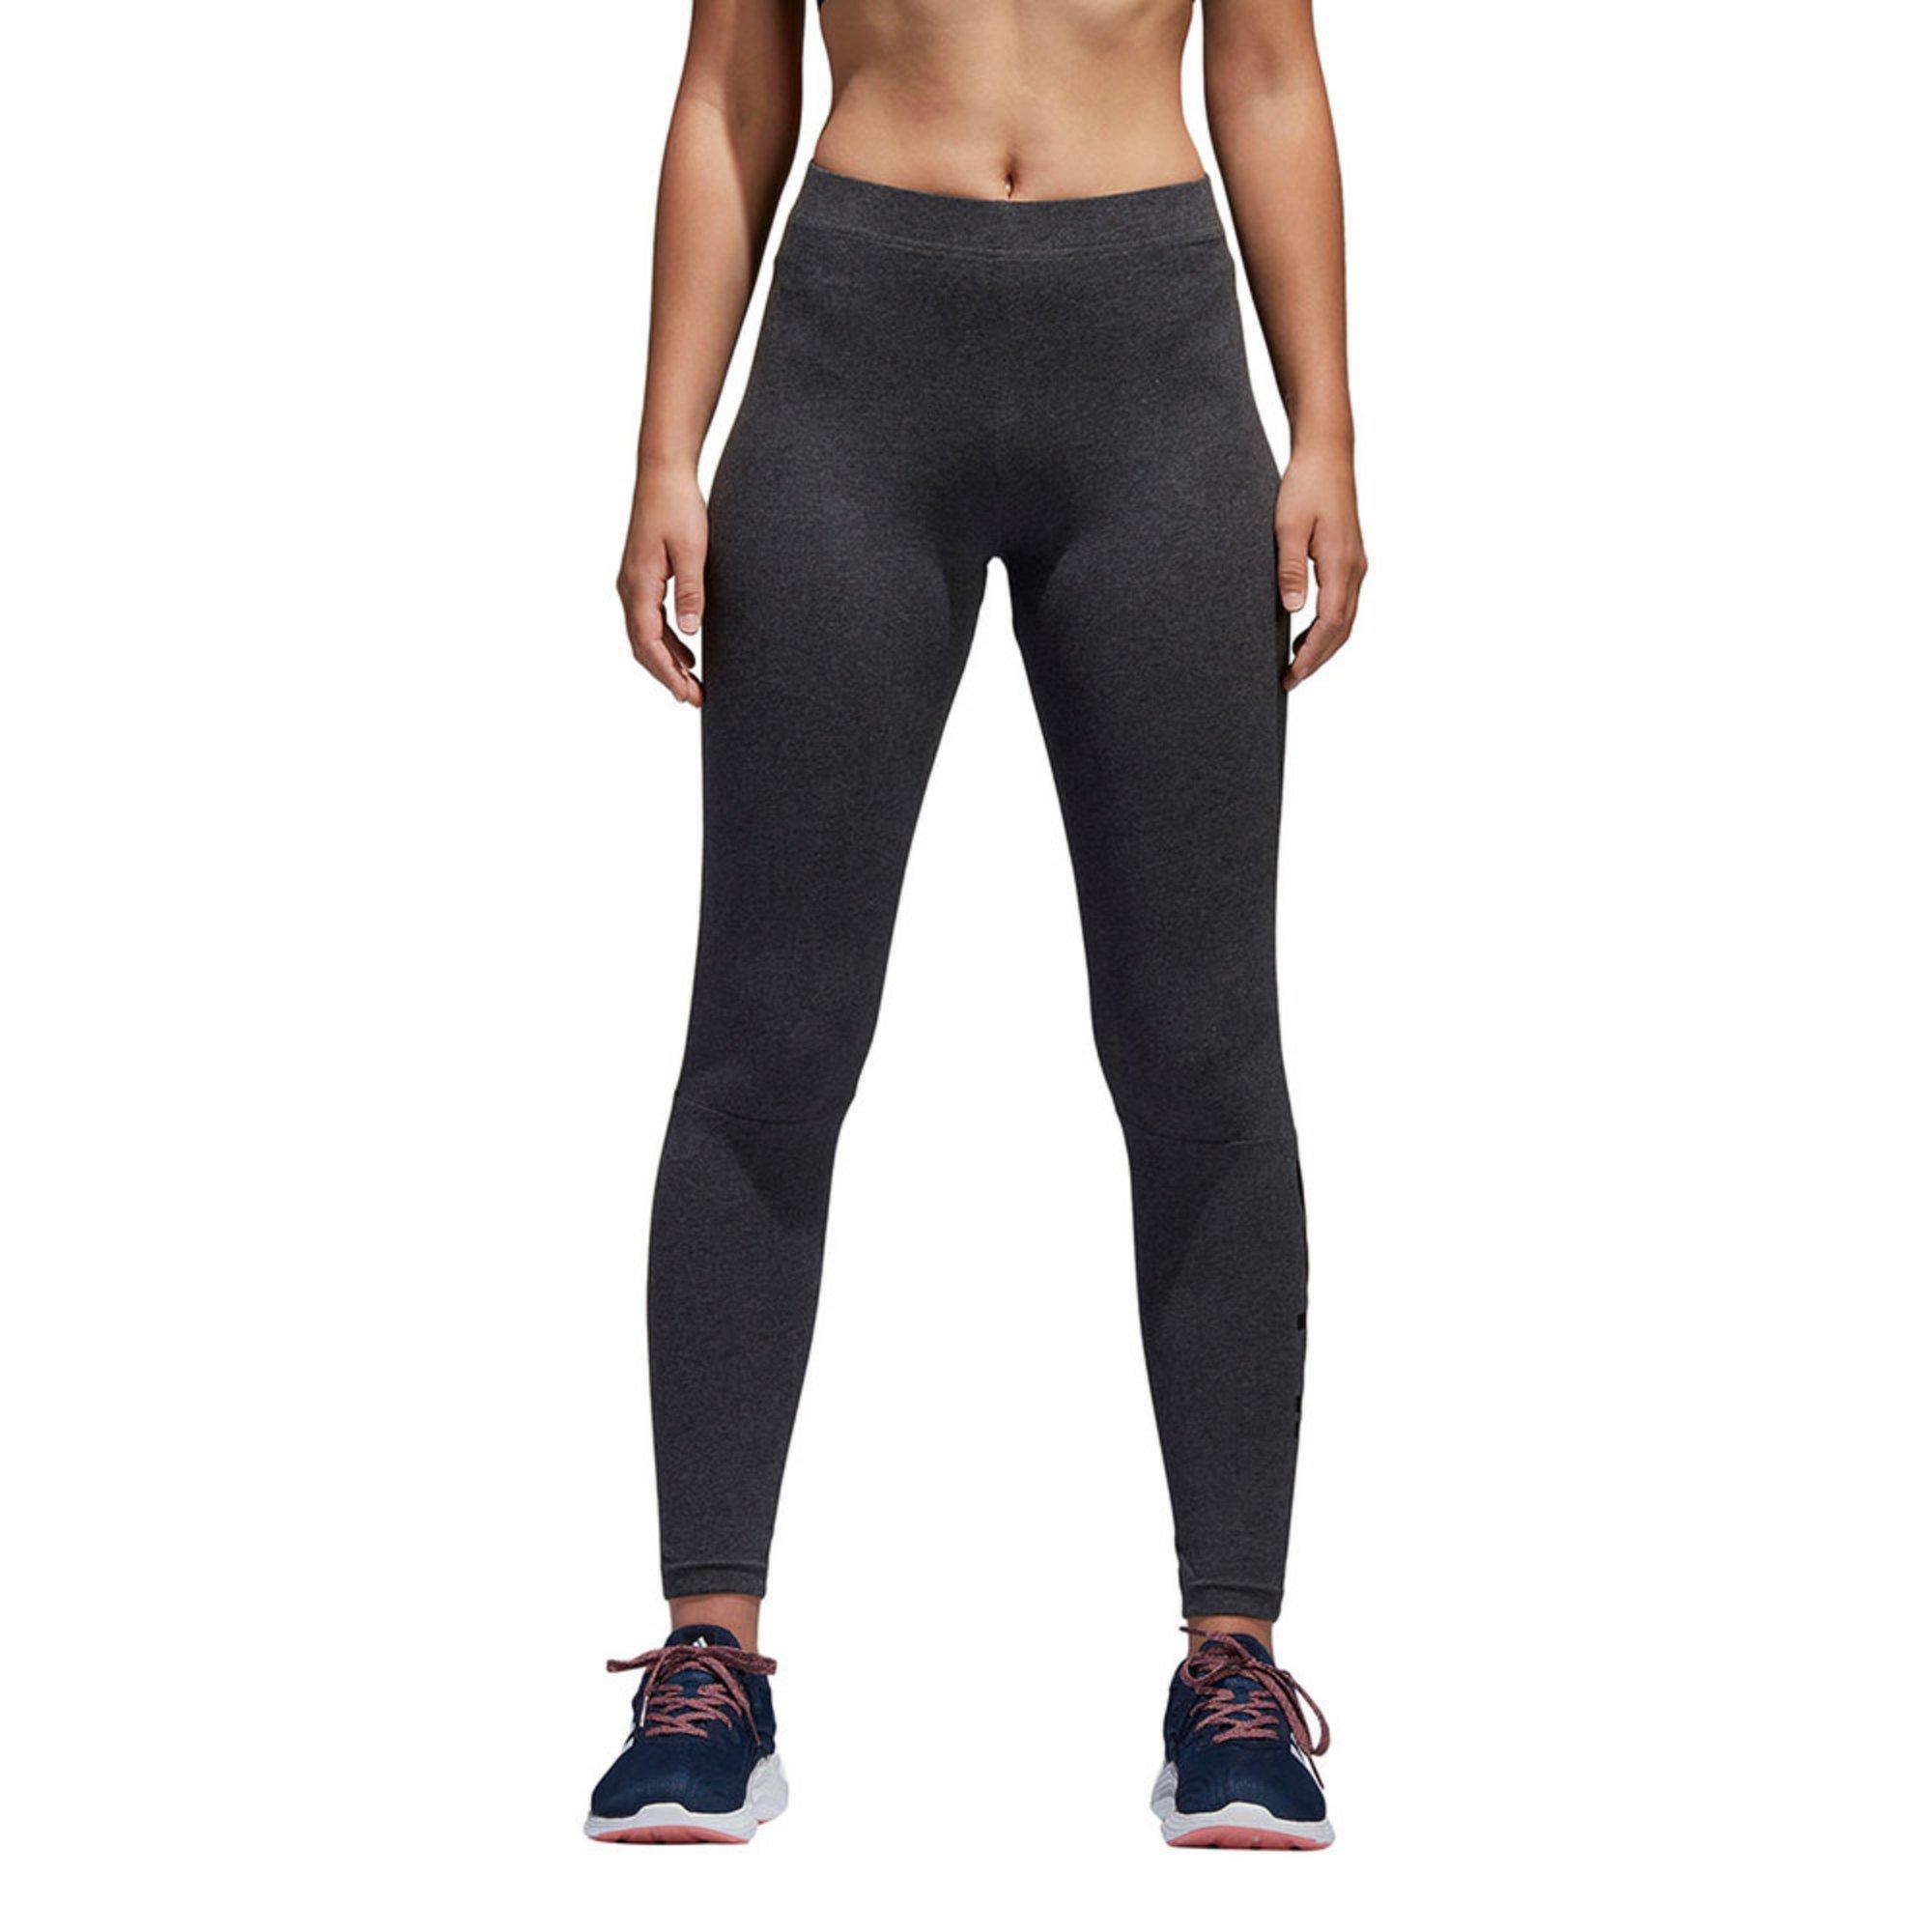 21f7fdc8547c adidas. Adidas Women s Essential Linear Tights